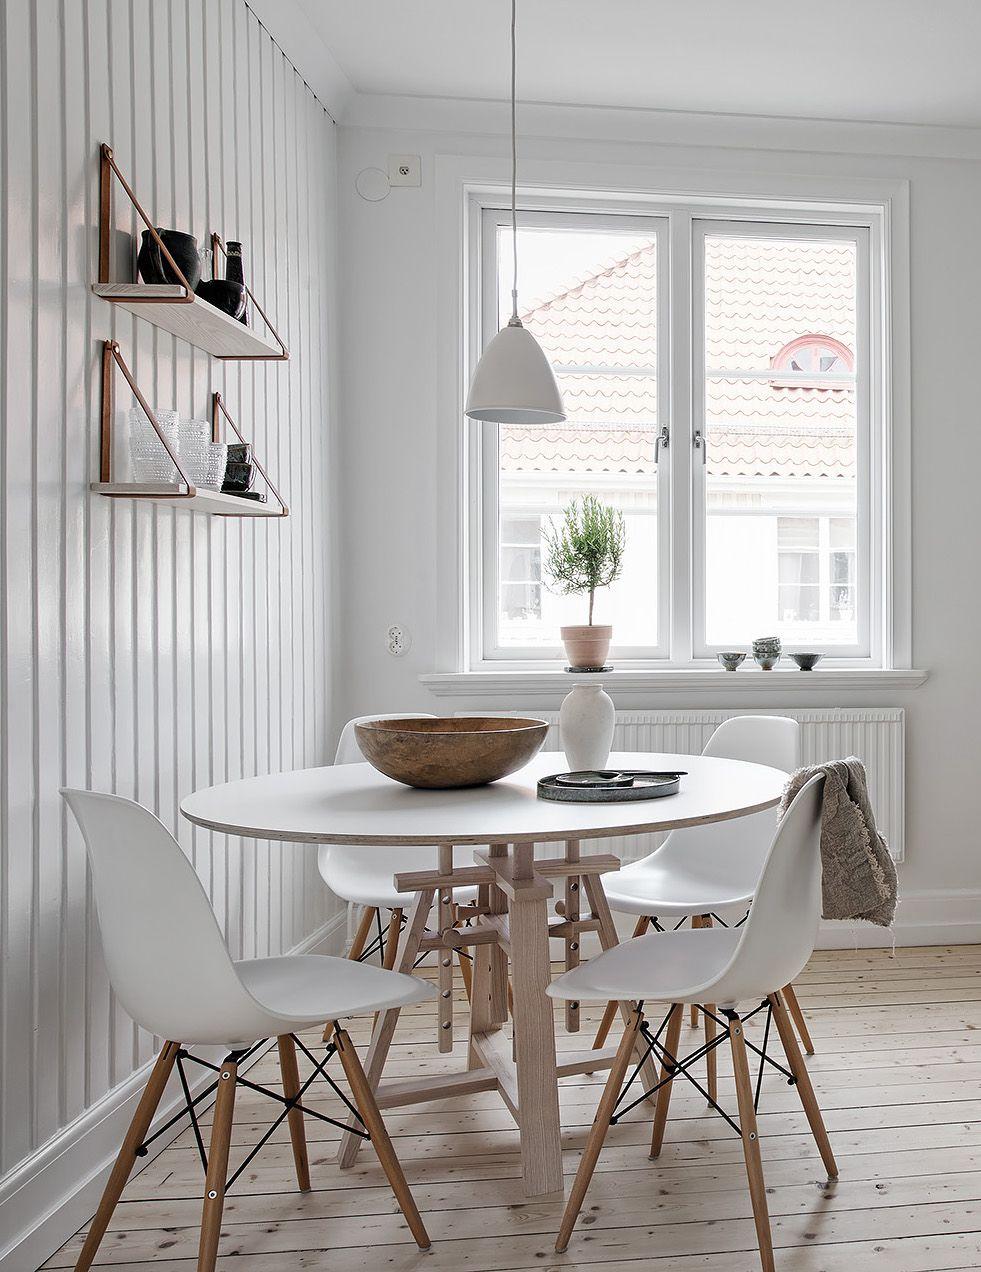 scandinavische style grenen smalle houten planken vloer